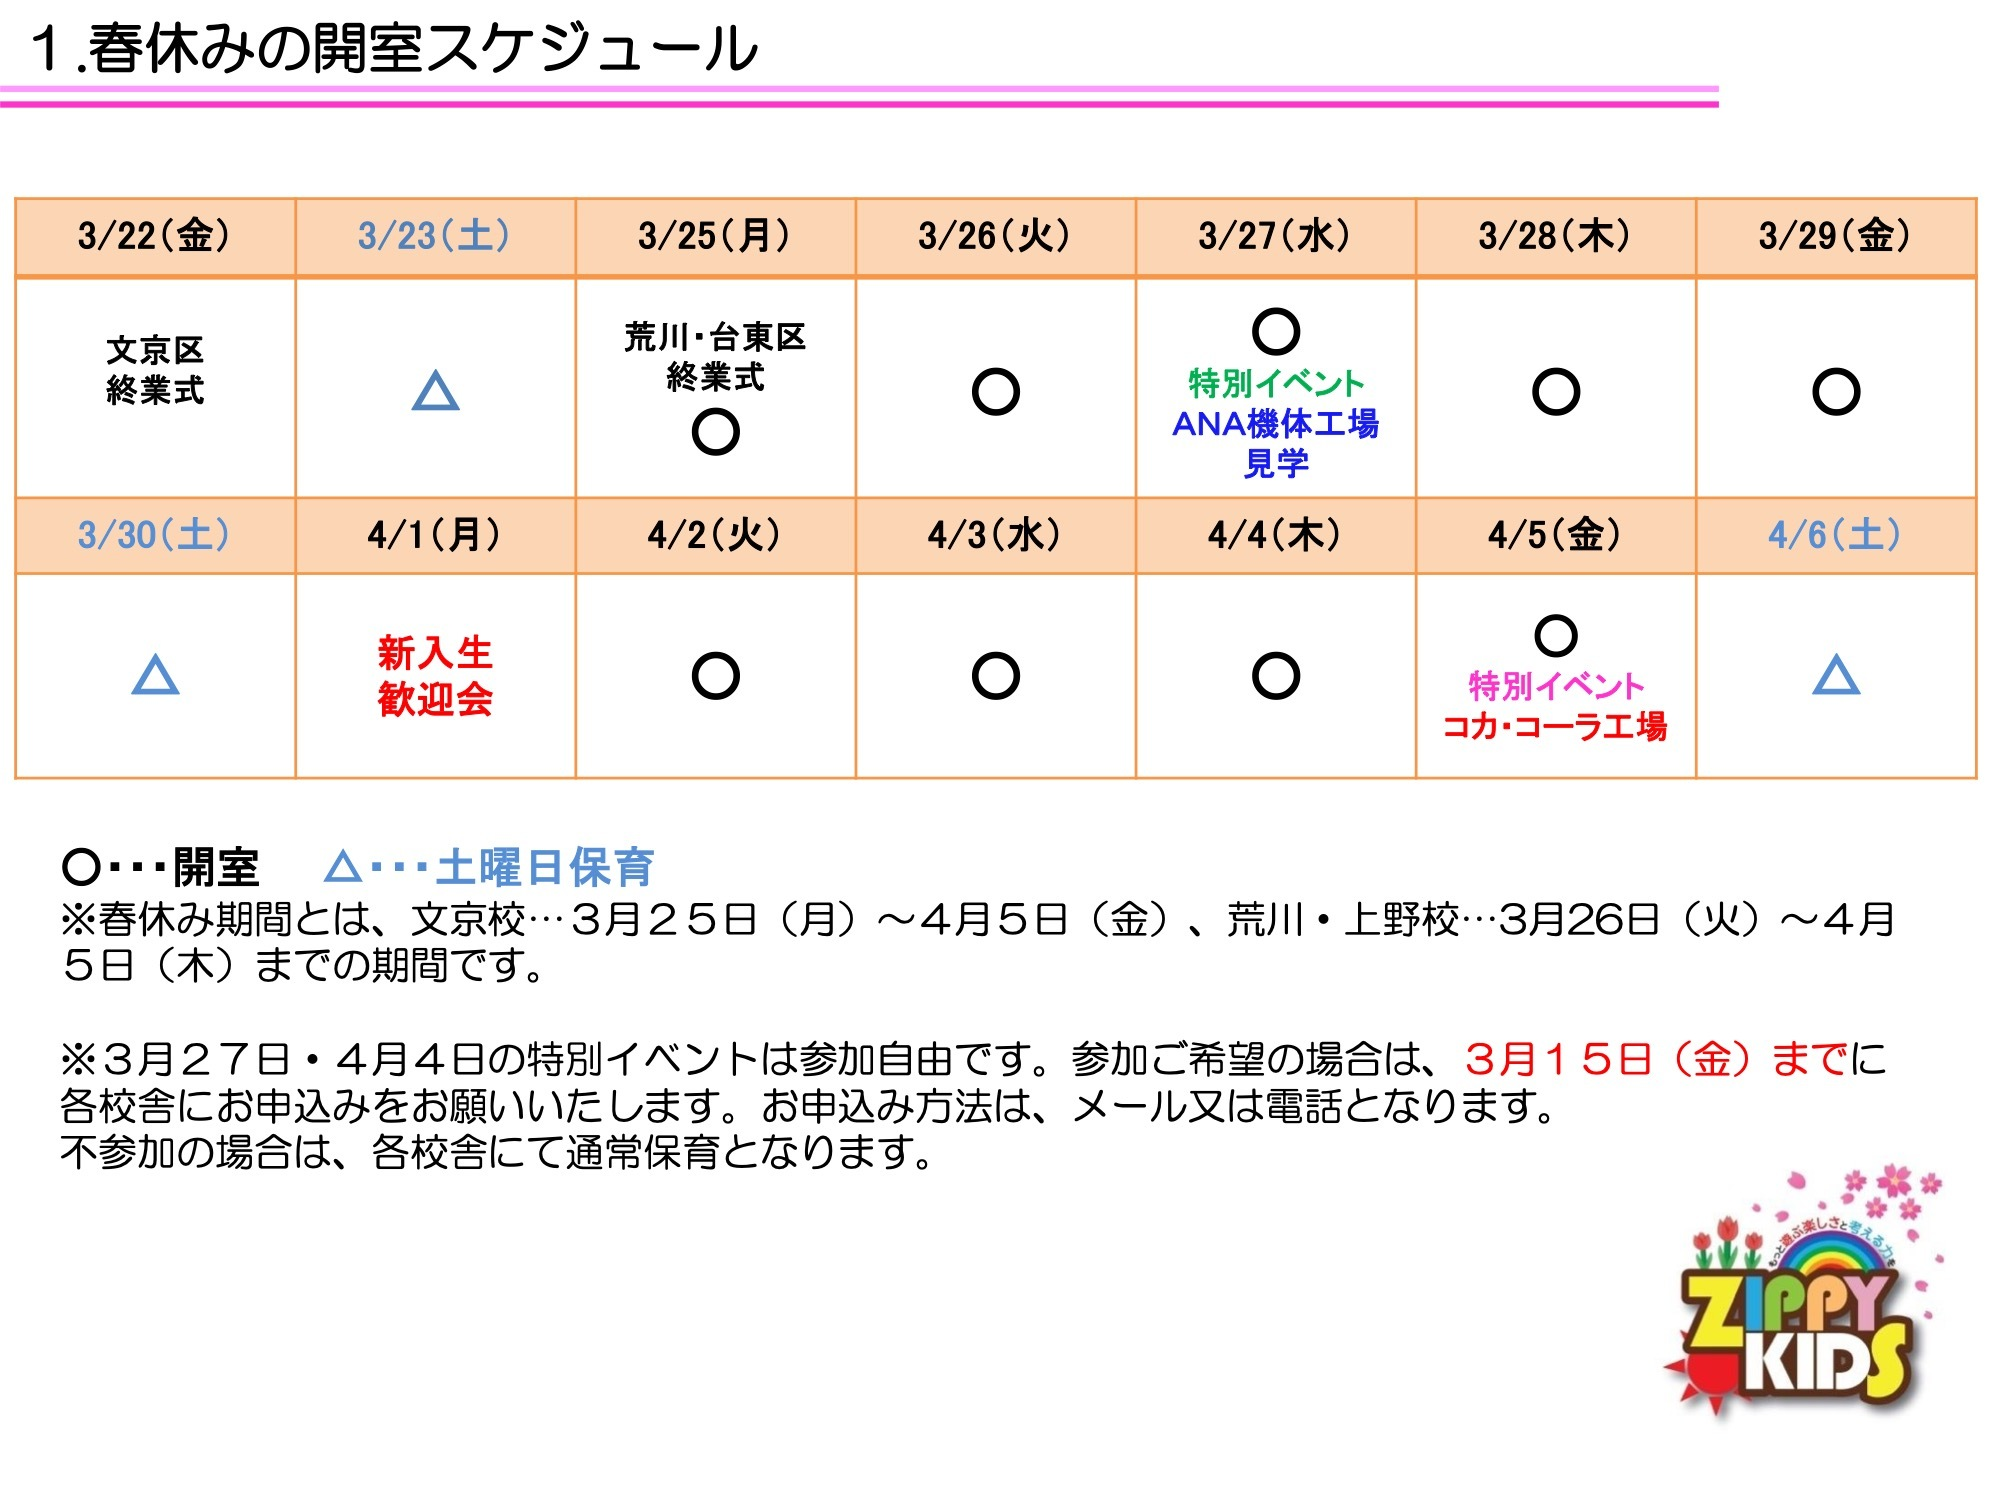 2019  春休みのお預かりサービスについて_c0315913_12540634.jpeg